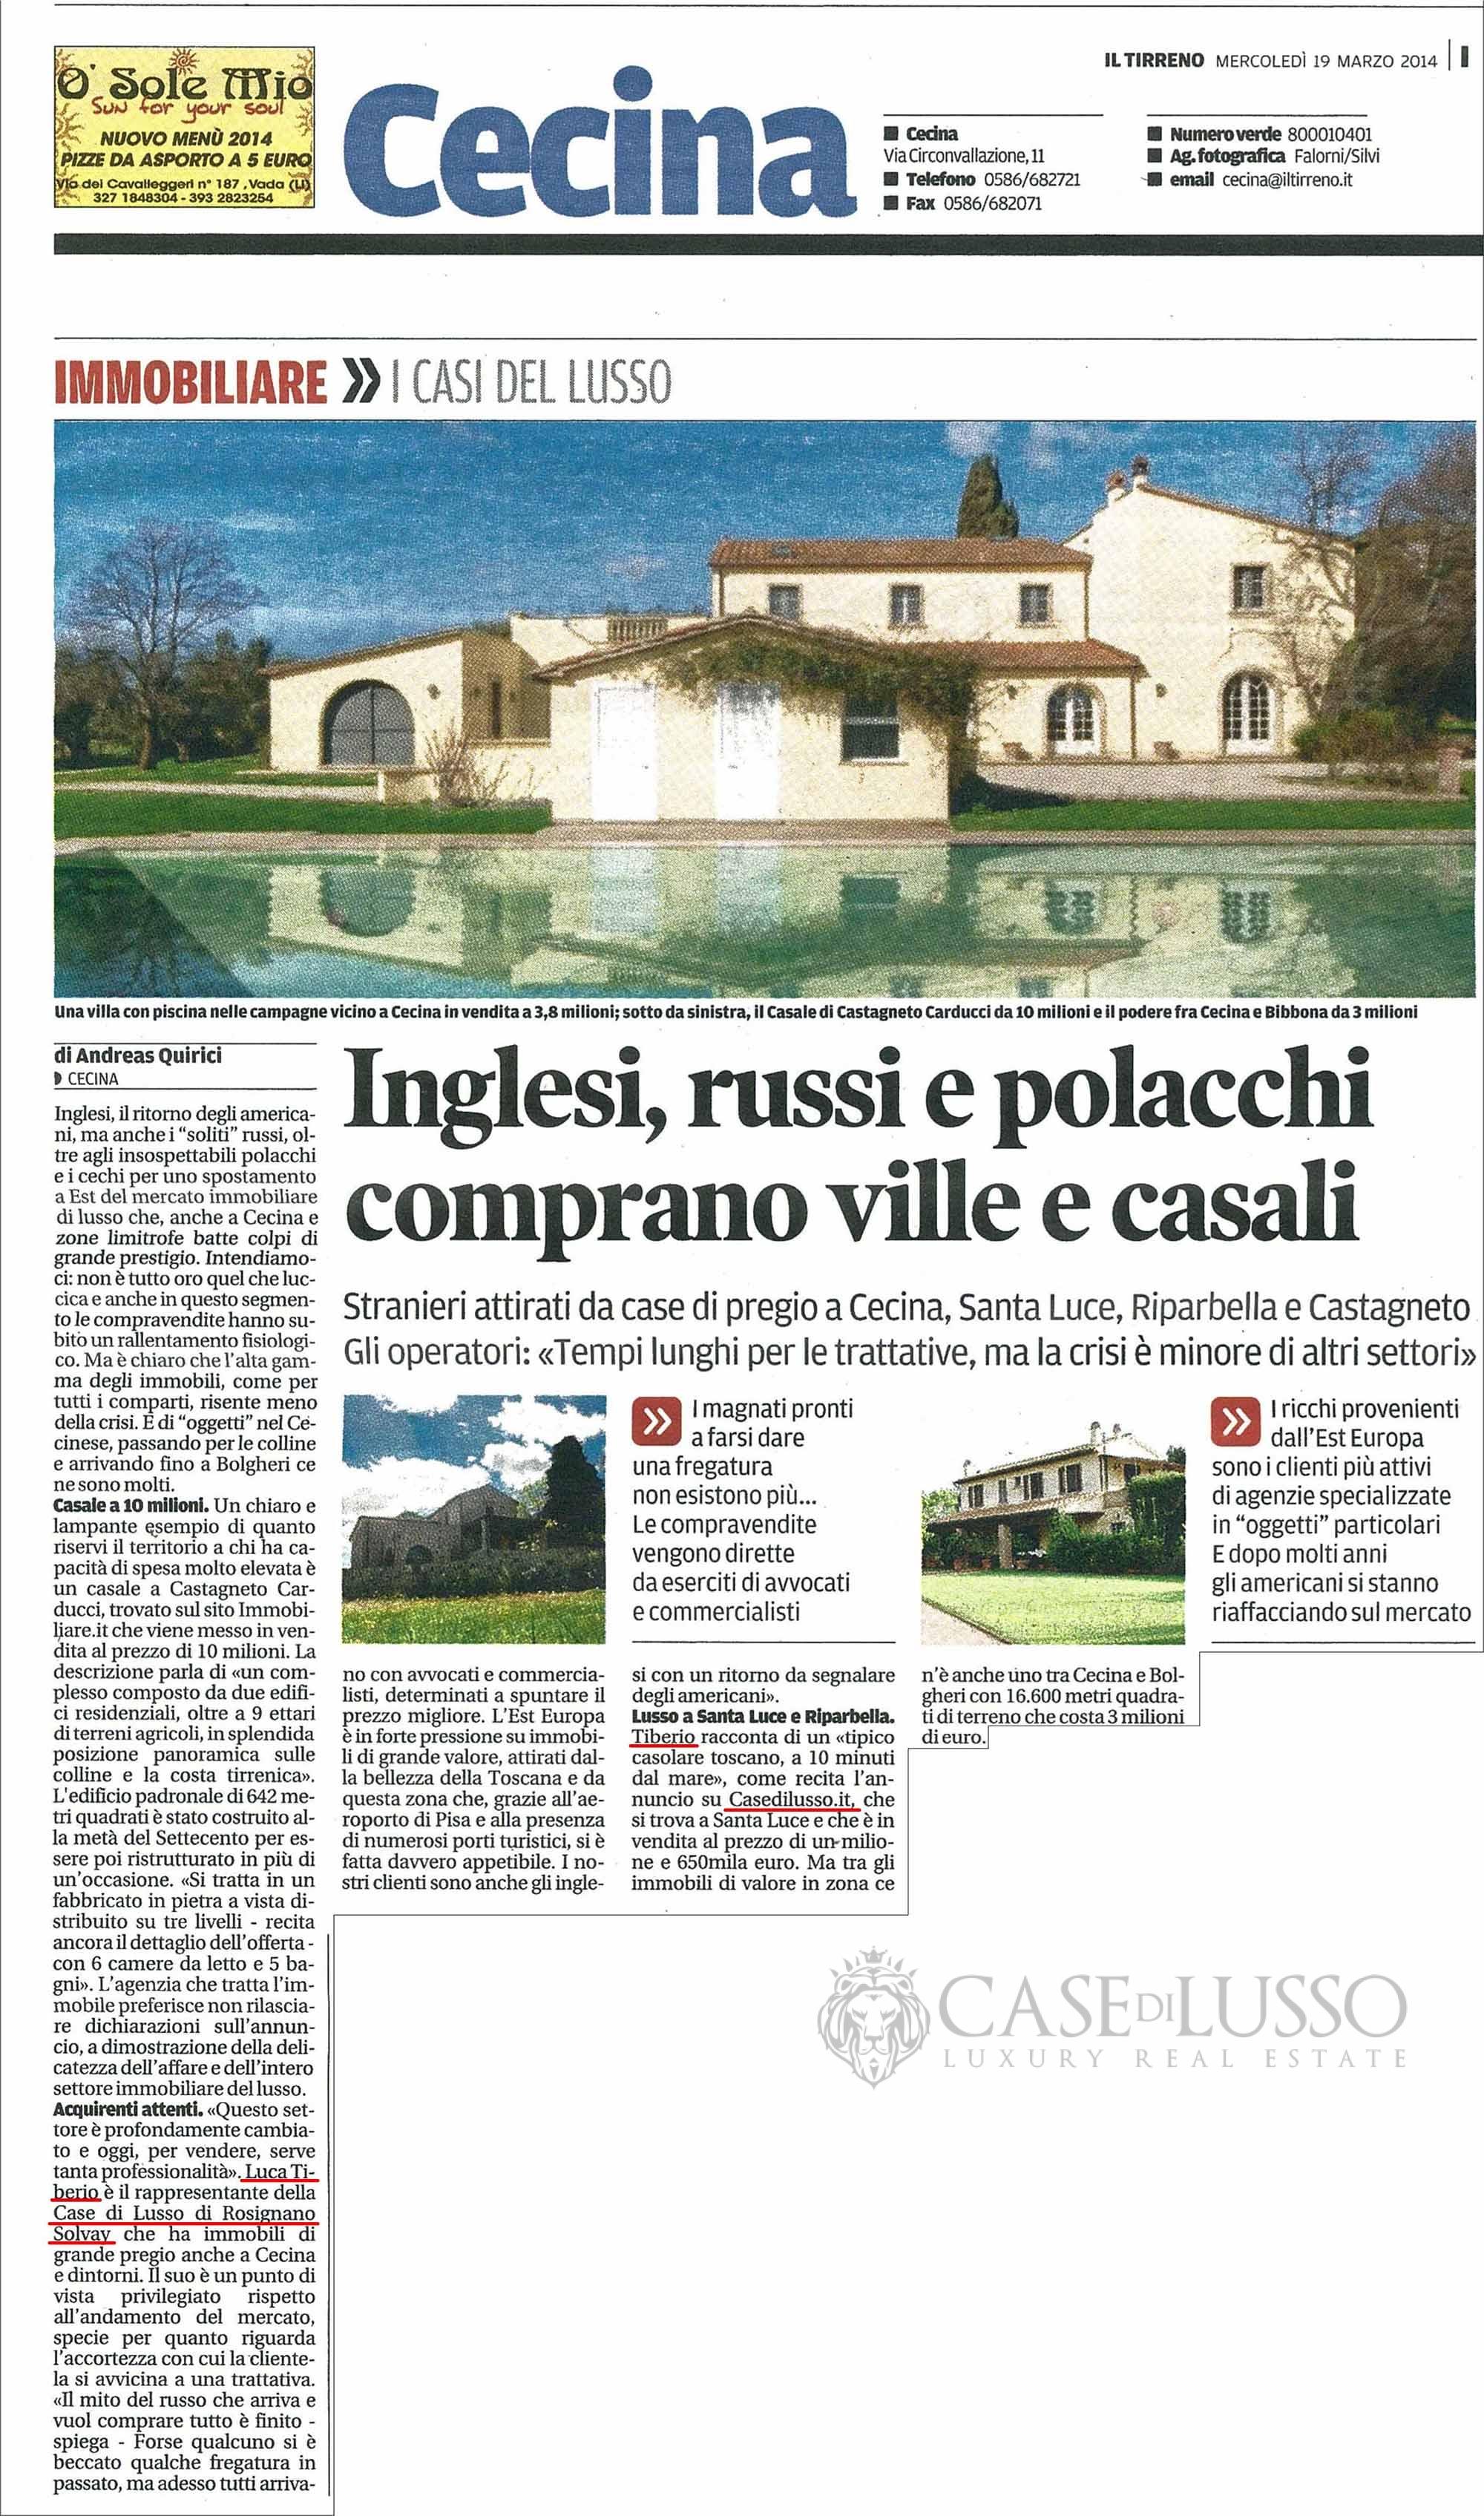 Articolo sul mercato immobiliare di lusso in Toscana